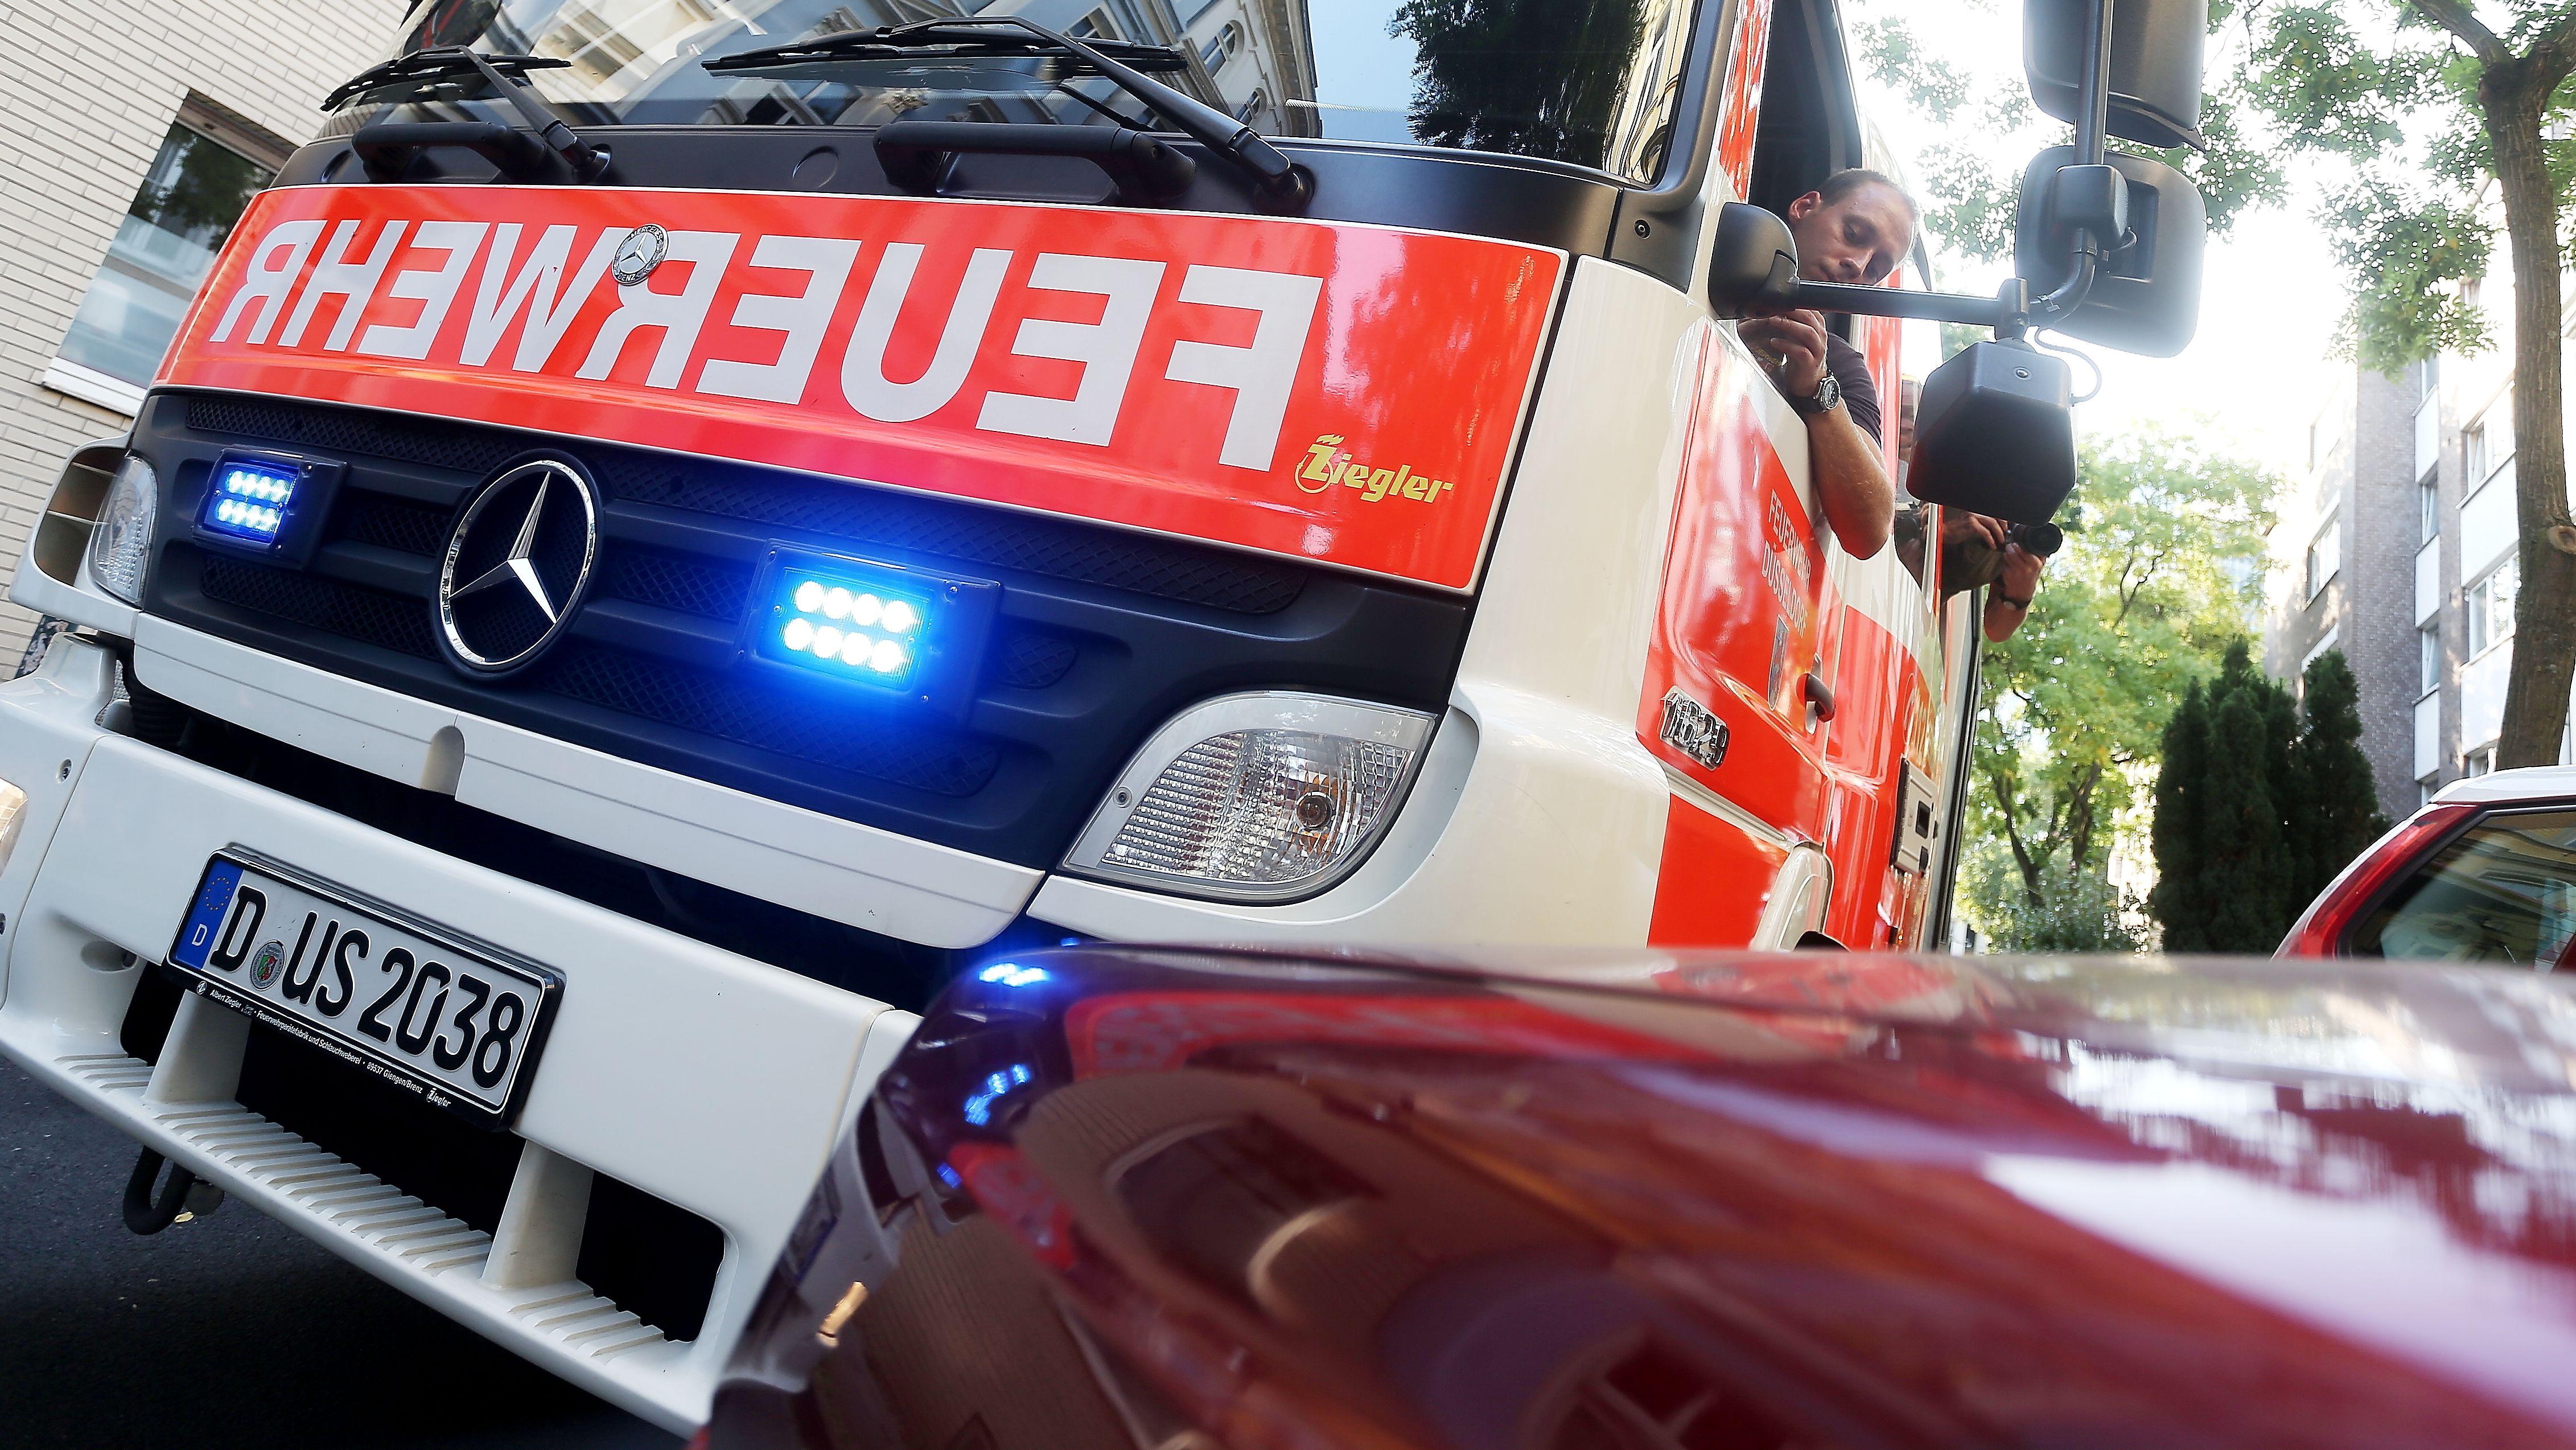 Feuerwehrfahrzeug im Einsatz muss sich den Weg durch dichten Verkehr bahnen